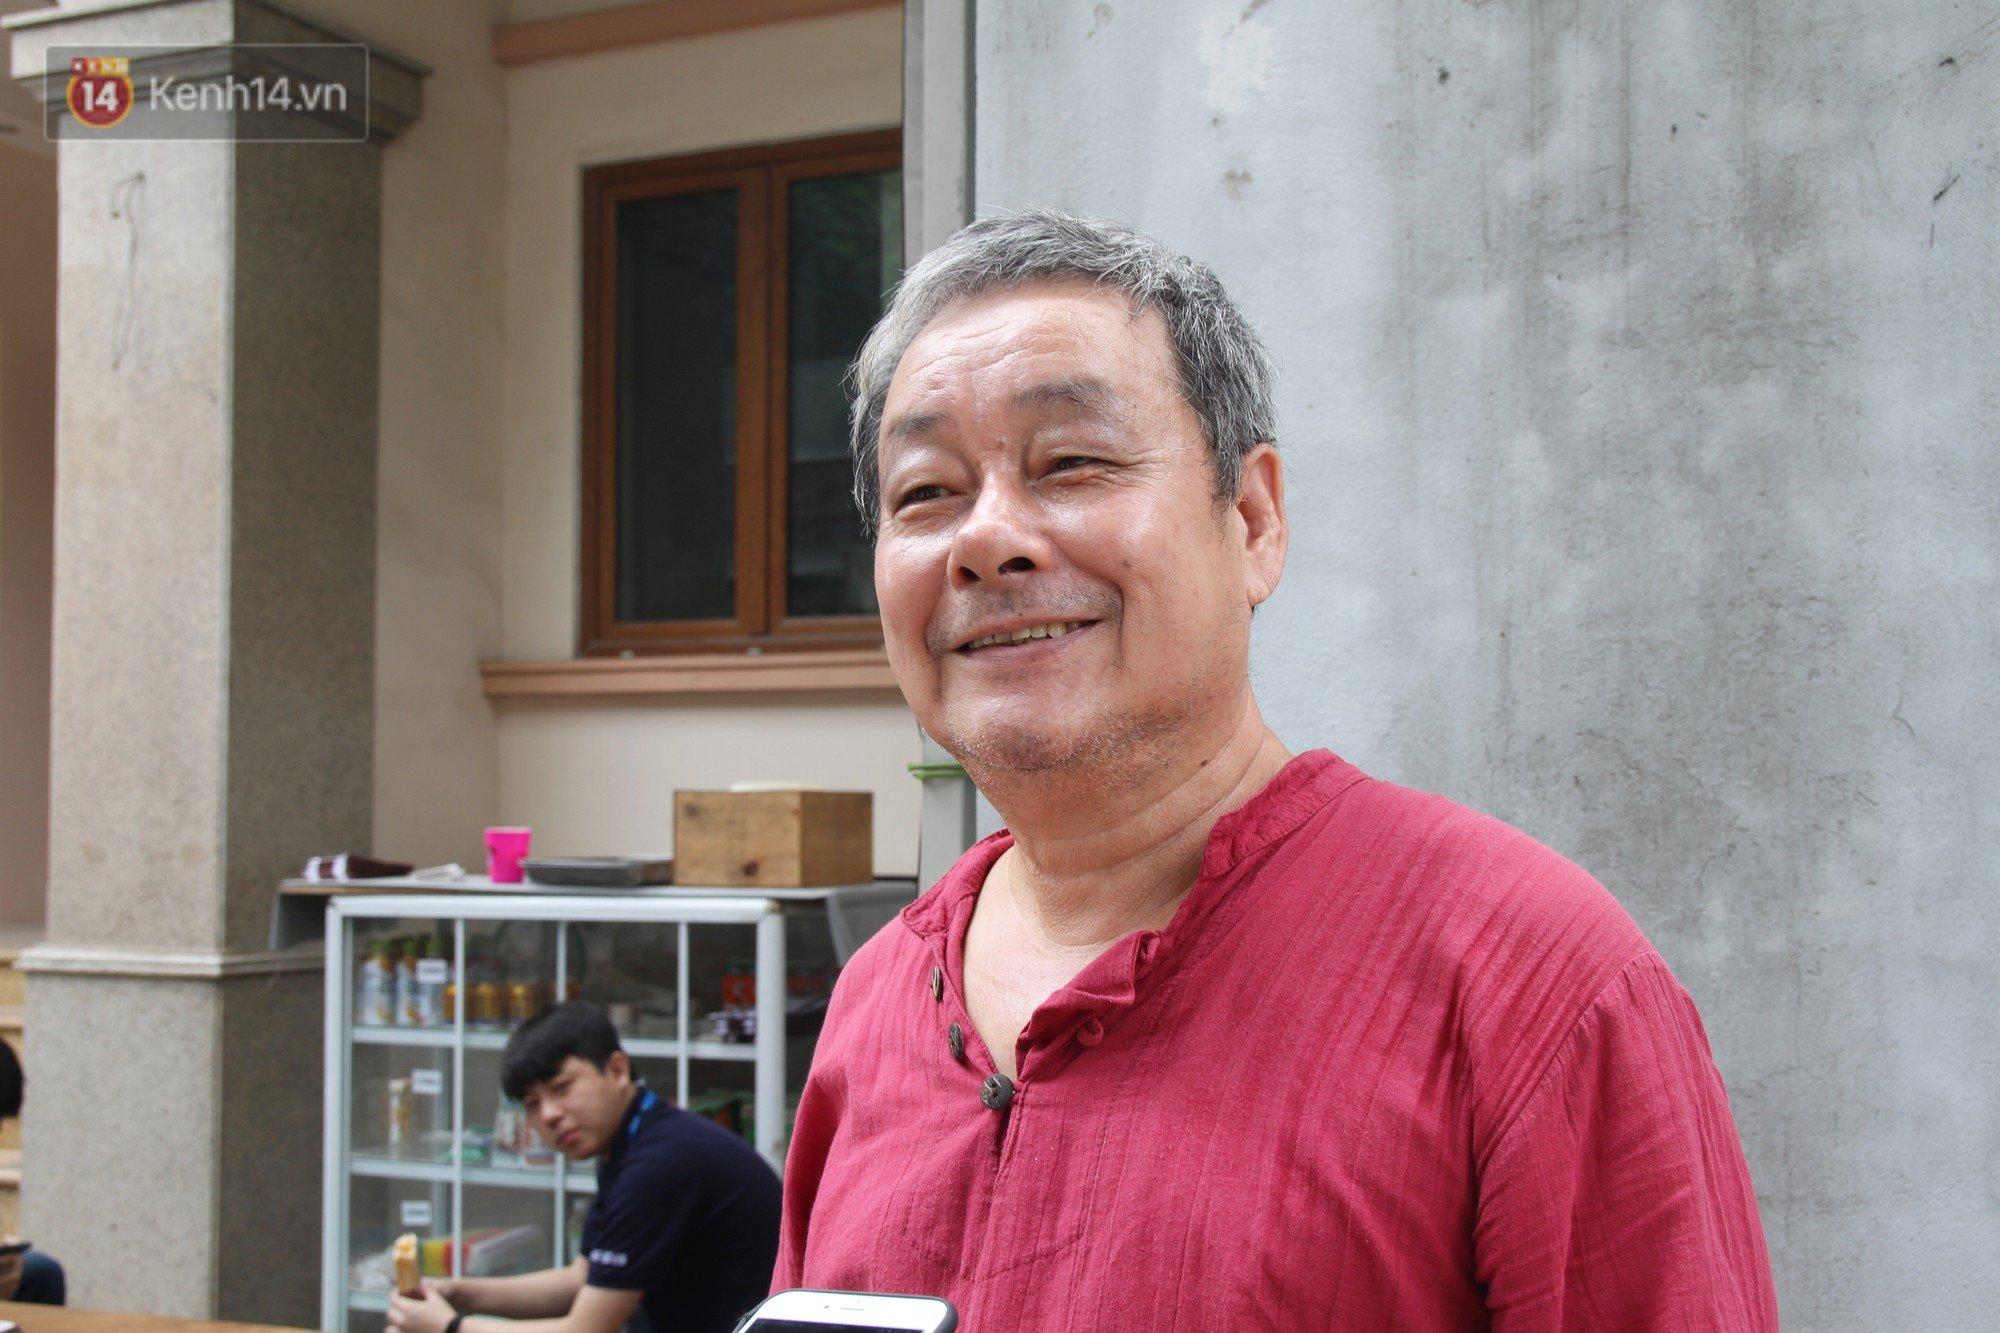 Người Hà Nội nói về việc thành phố muốn người dân từ bỏ thói quen ăn thịt chó: Yêu và ăn là 2 chuyện khác nhau - Ảnh 8.